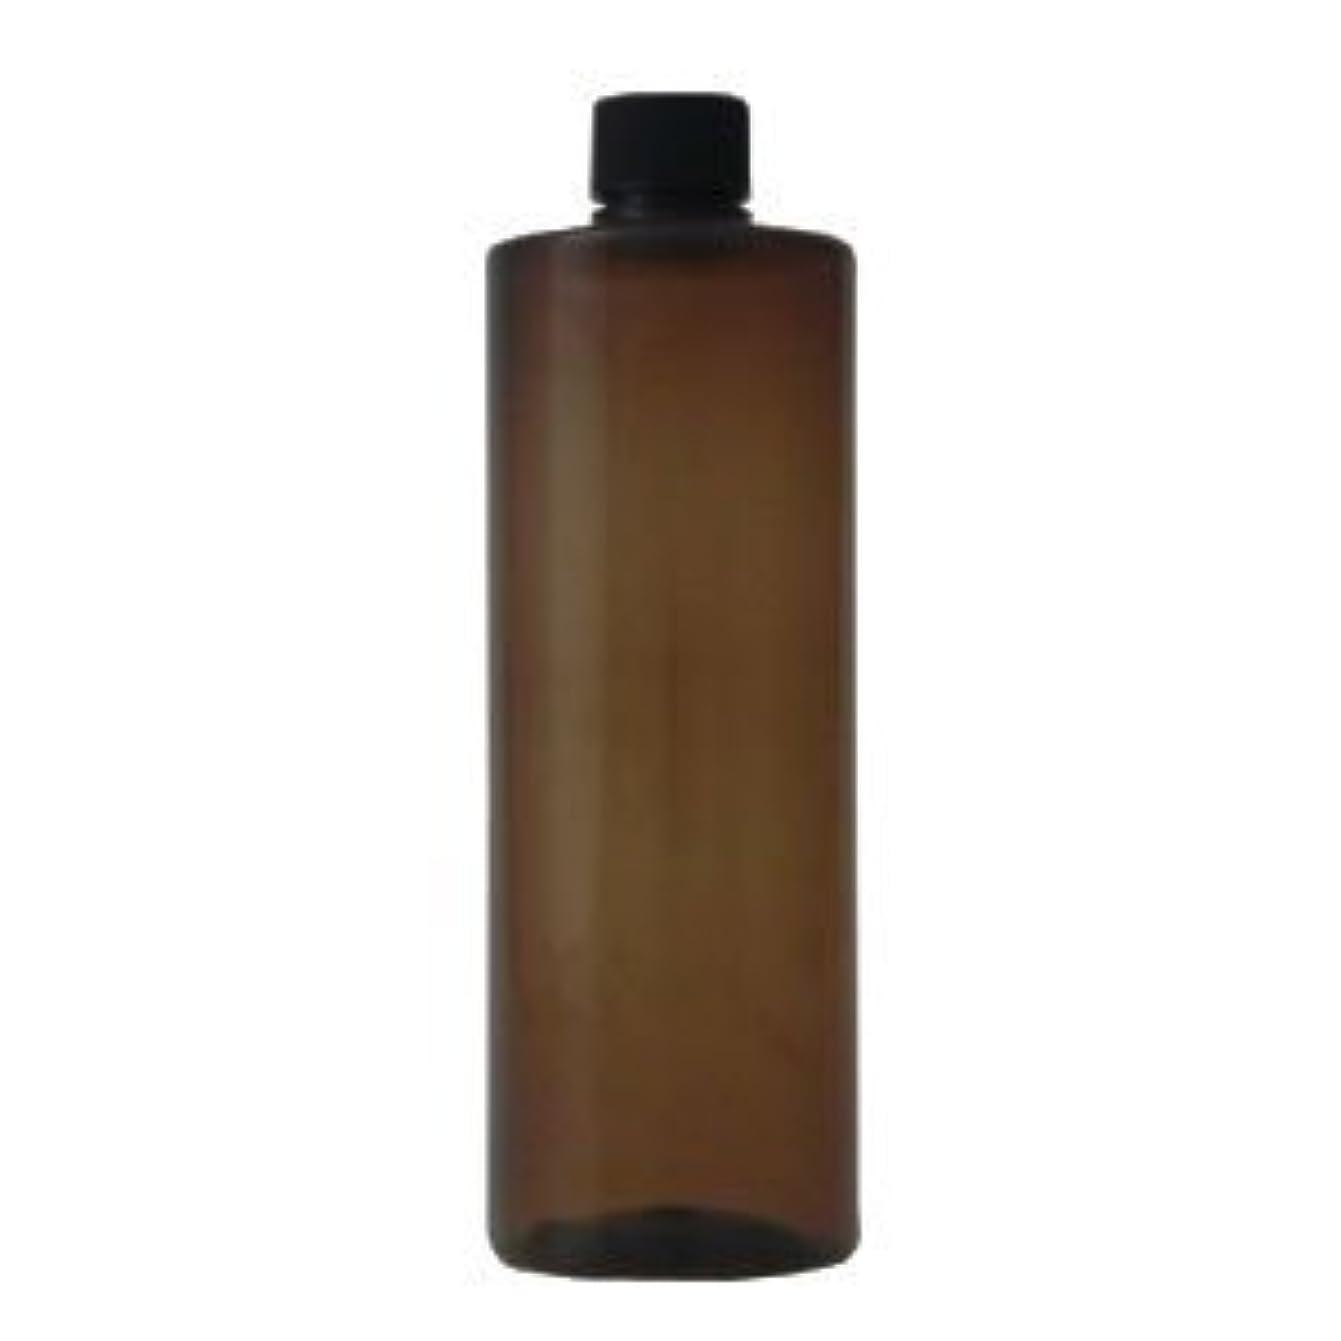 鹿第五その遮光プラボトル 500ml 容器